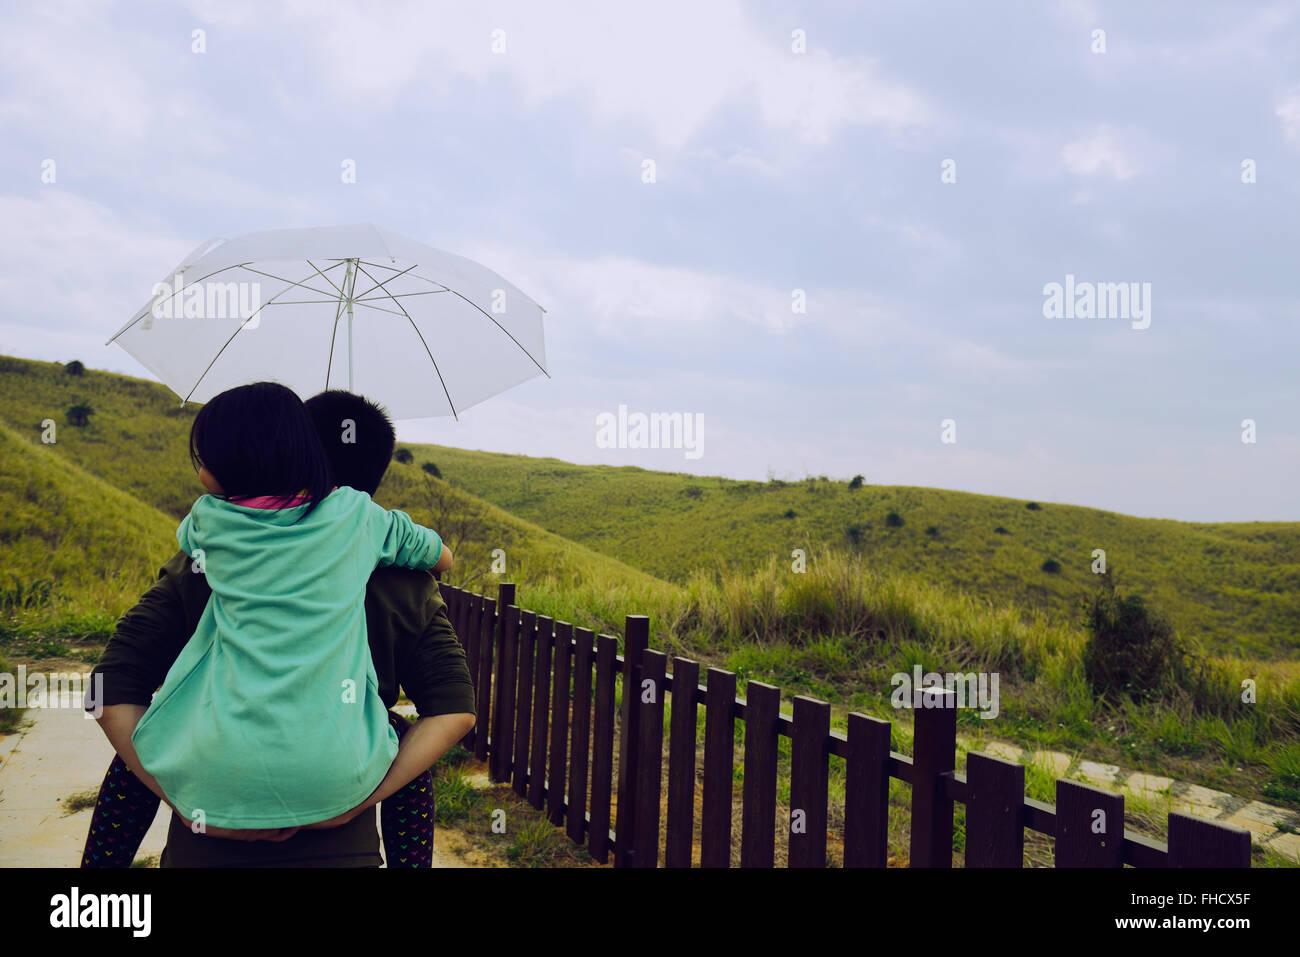 Figlia il Padre torna prendere ombrello ,ragazza sul padre prendere indietro ombrello,Padre da giovane figlia piggyback Immagini Stock